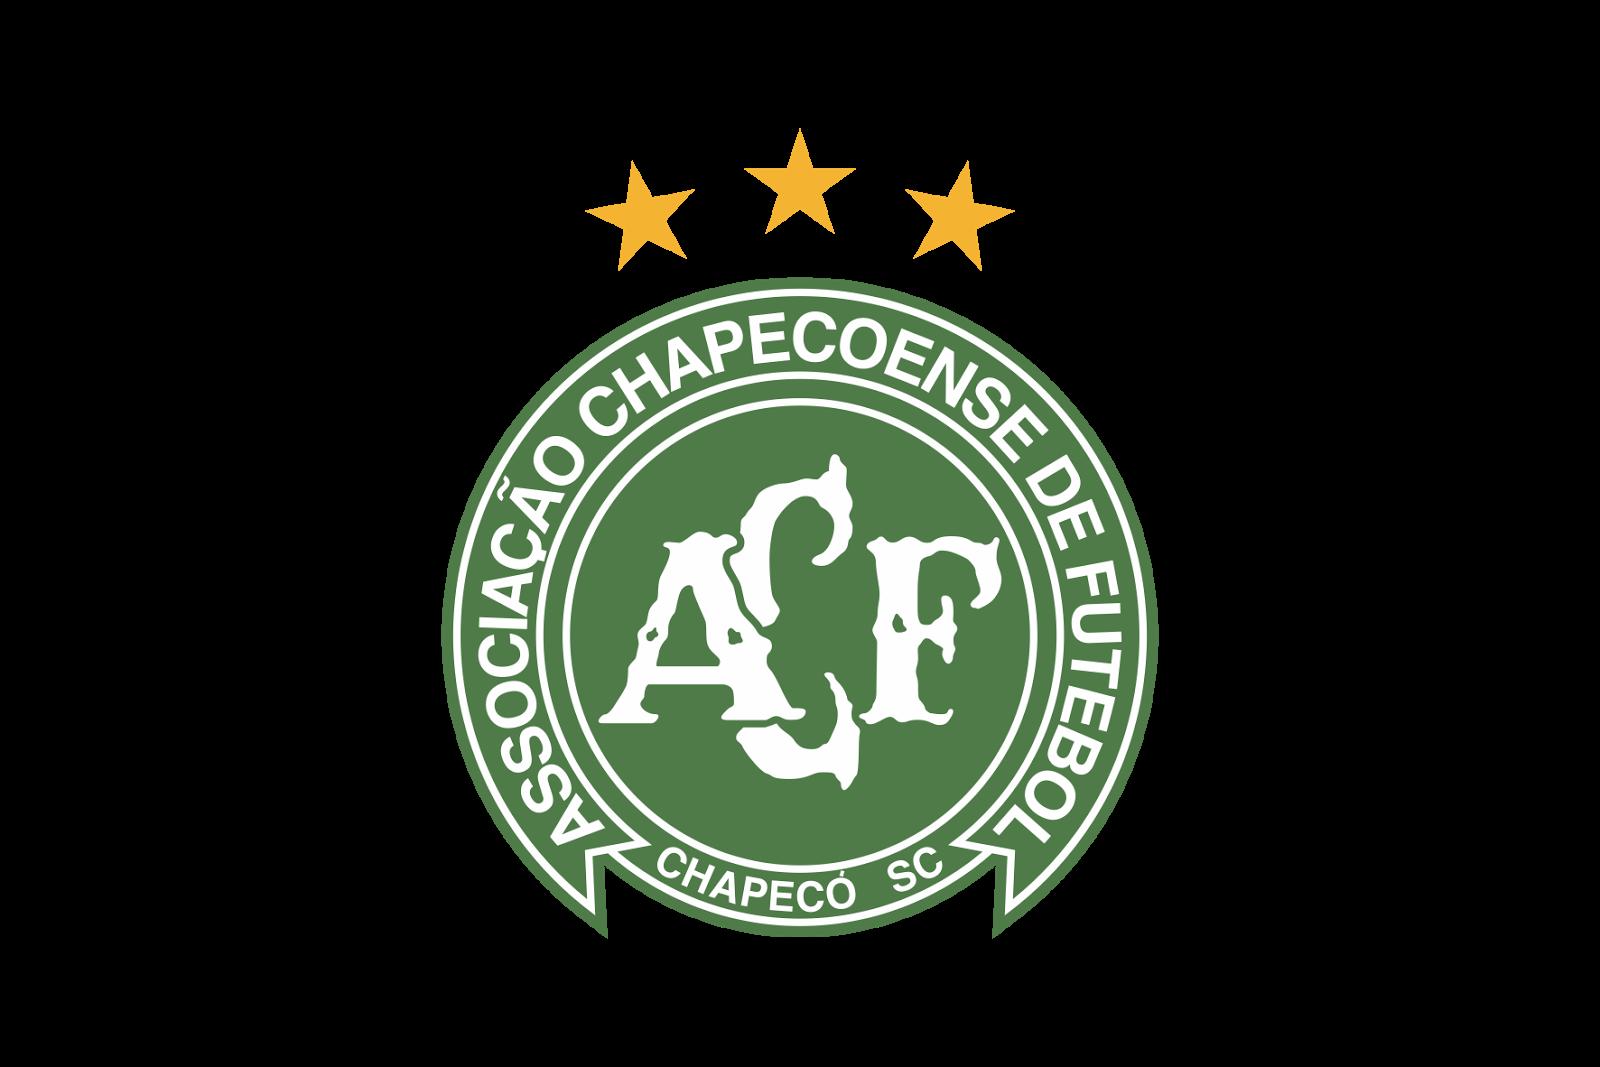 Profil Chapecoense - Klub Sepak Bola Santa Catarina Brasil Kecelakaan Pesawat